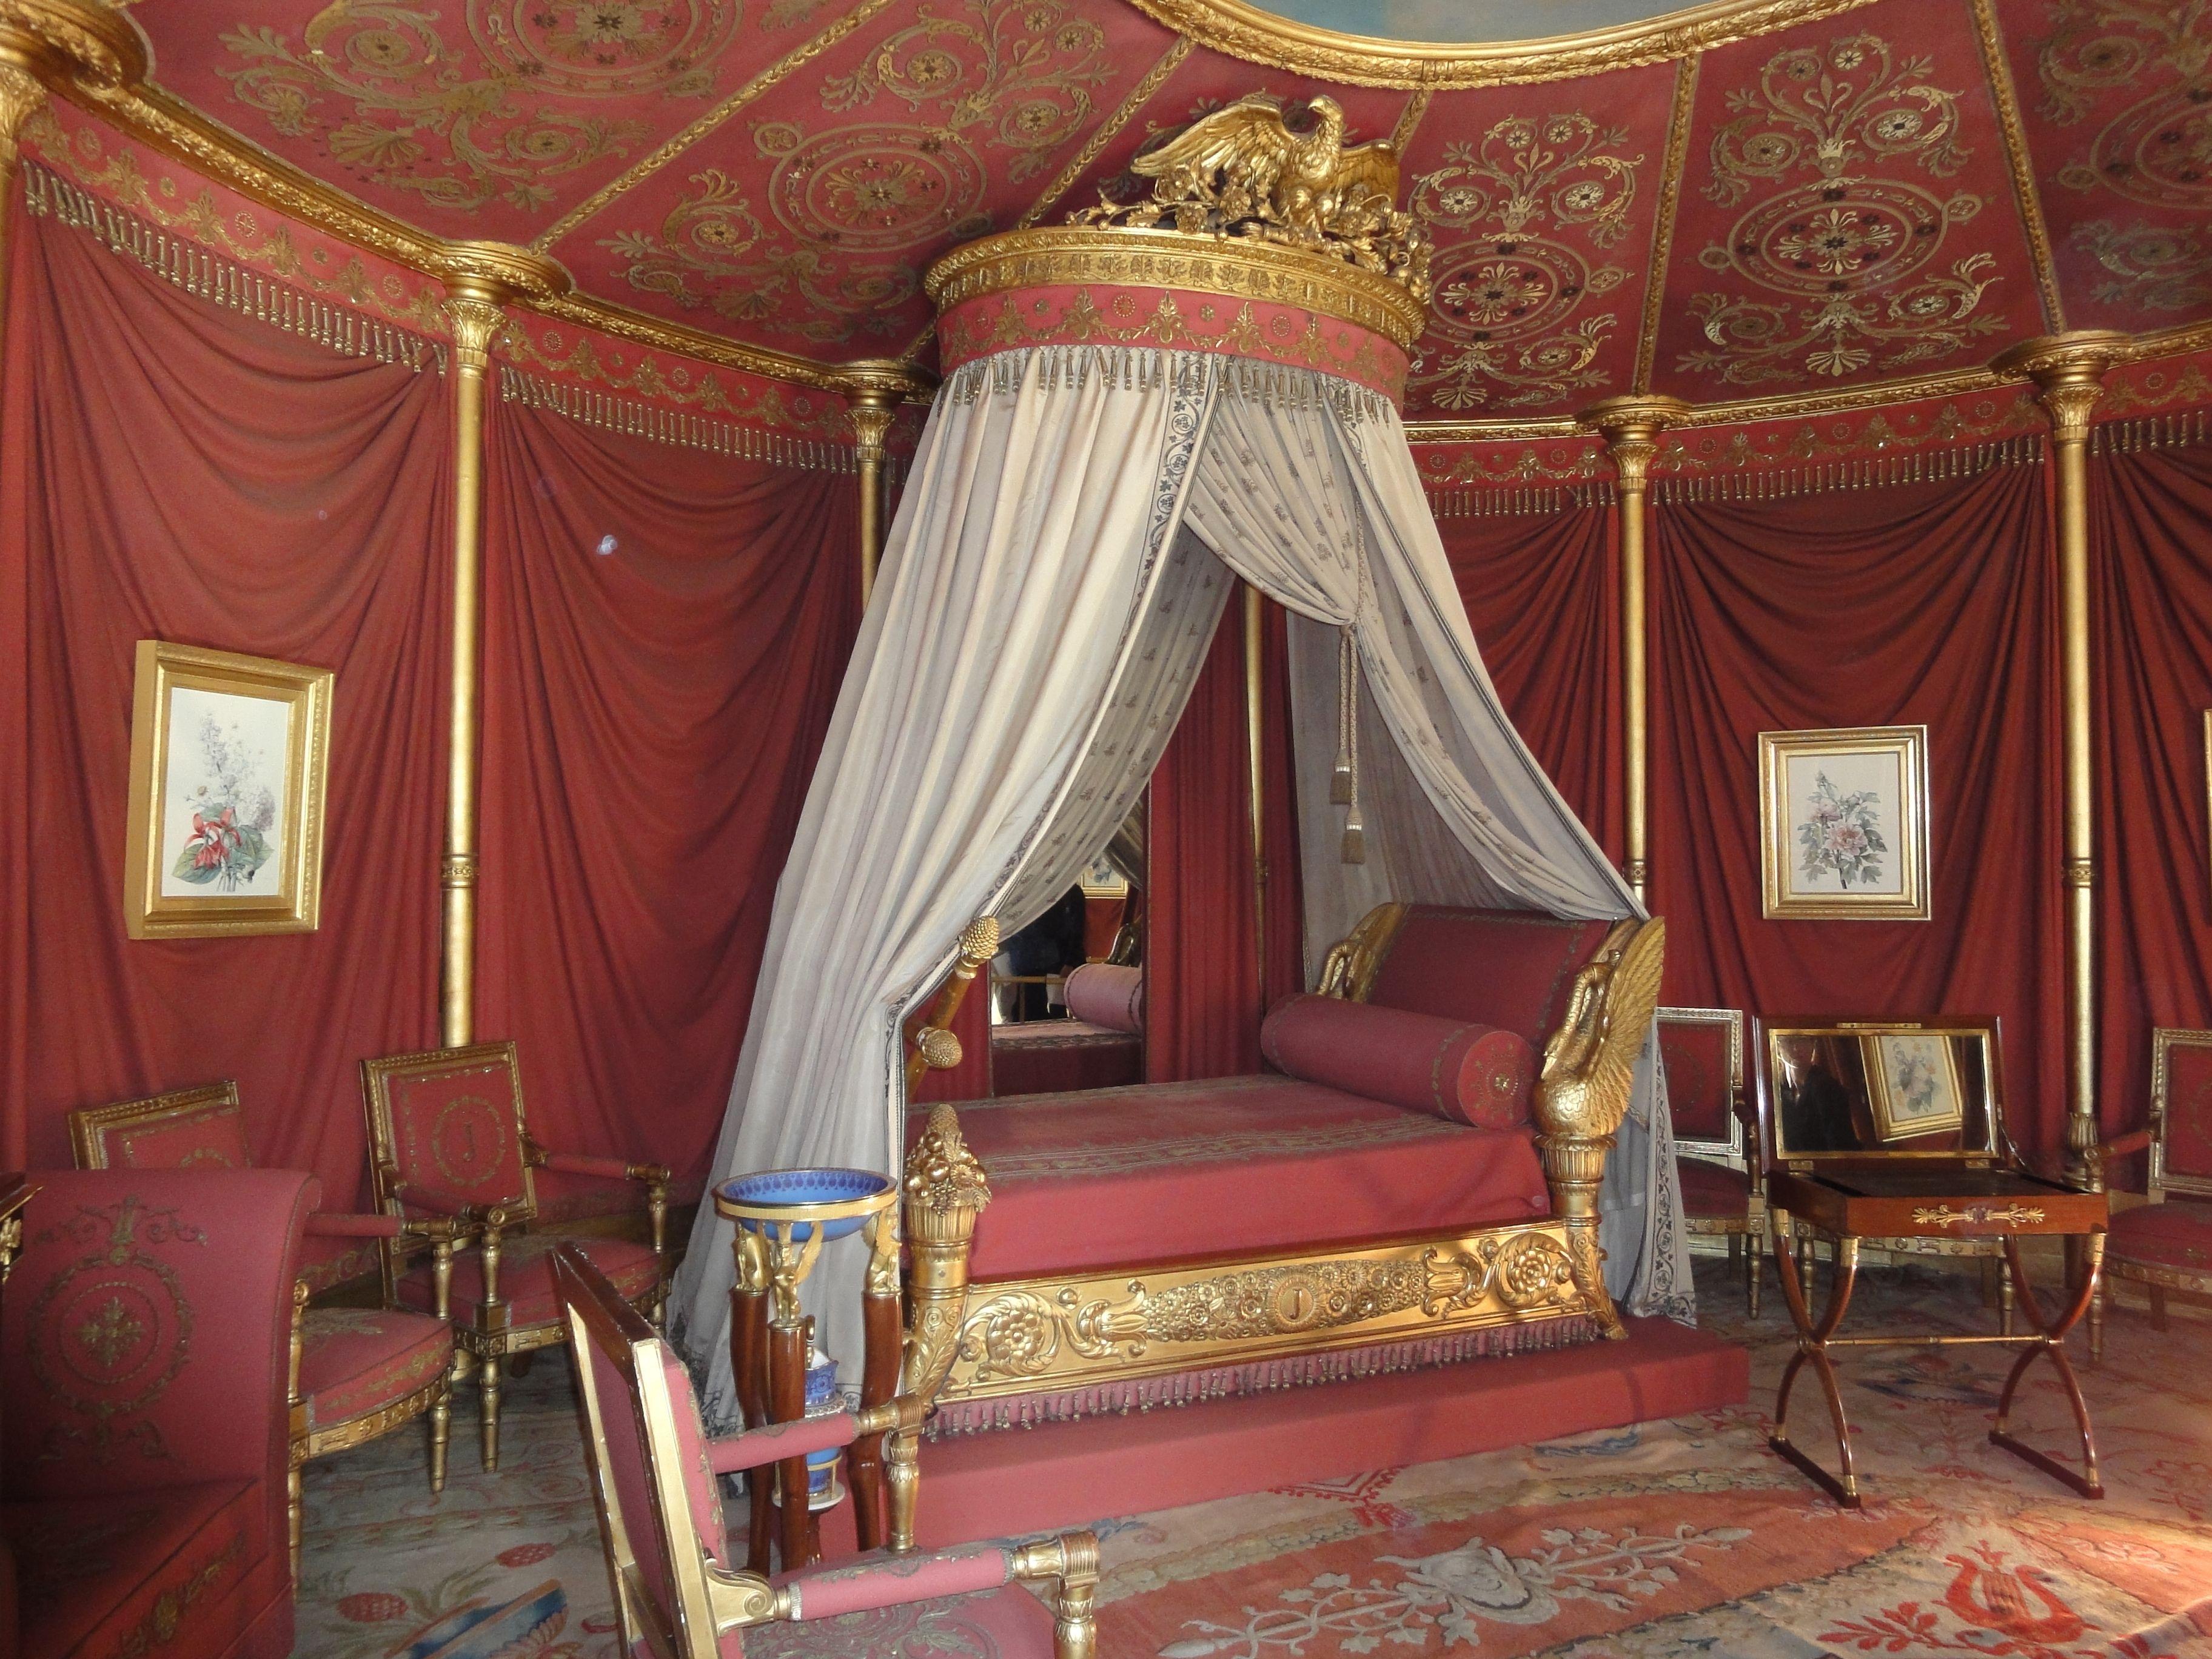 ch teau de malmaison ch teaux monuments rueil malmaison hauts de seine rueil malmaison. Black Bedroom Furniture Sets. Home Design Ideas